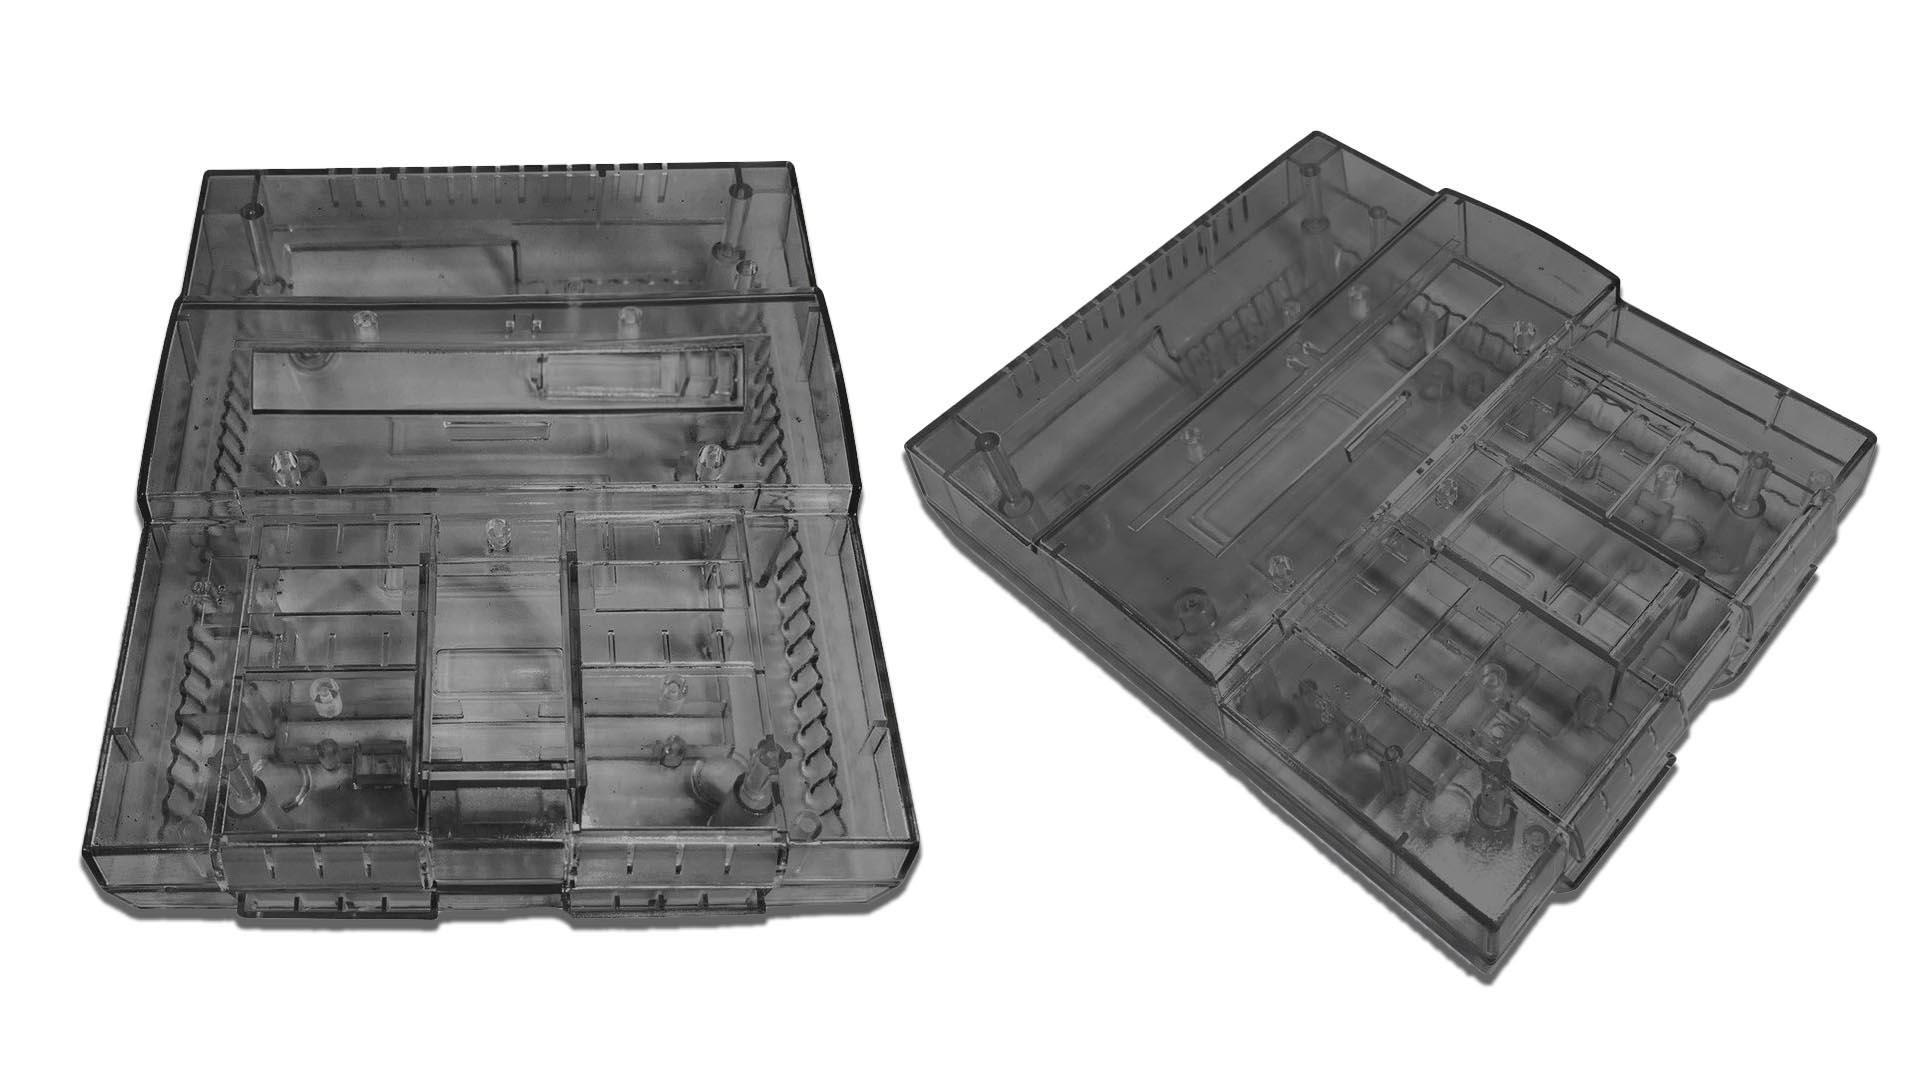 SNES Smoke Transparent Shells